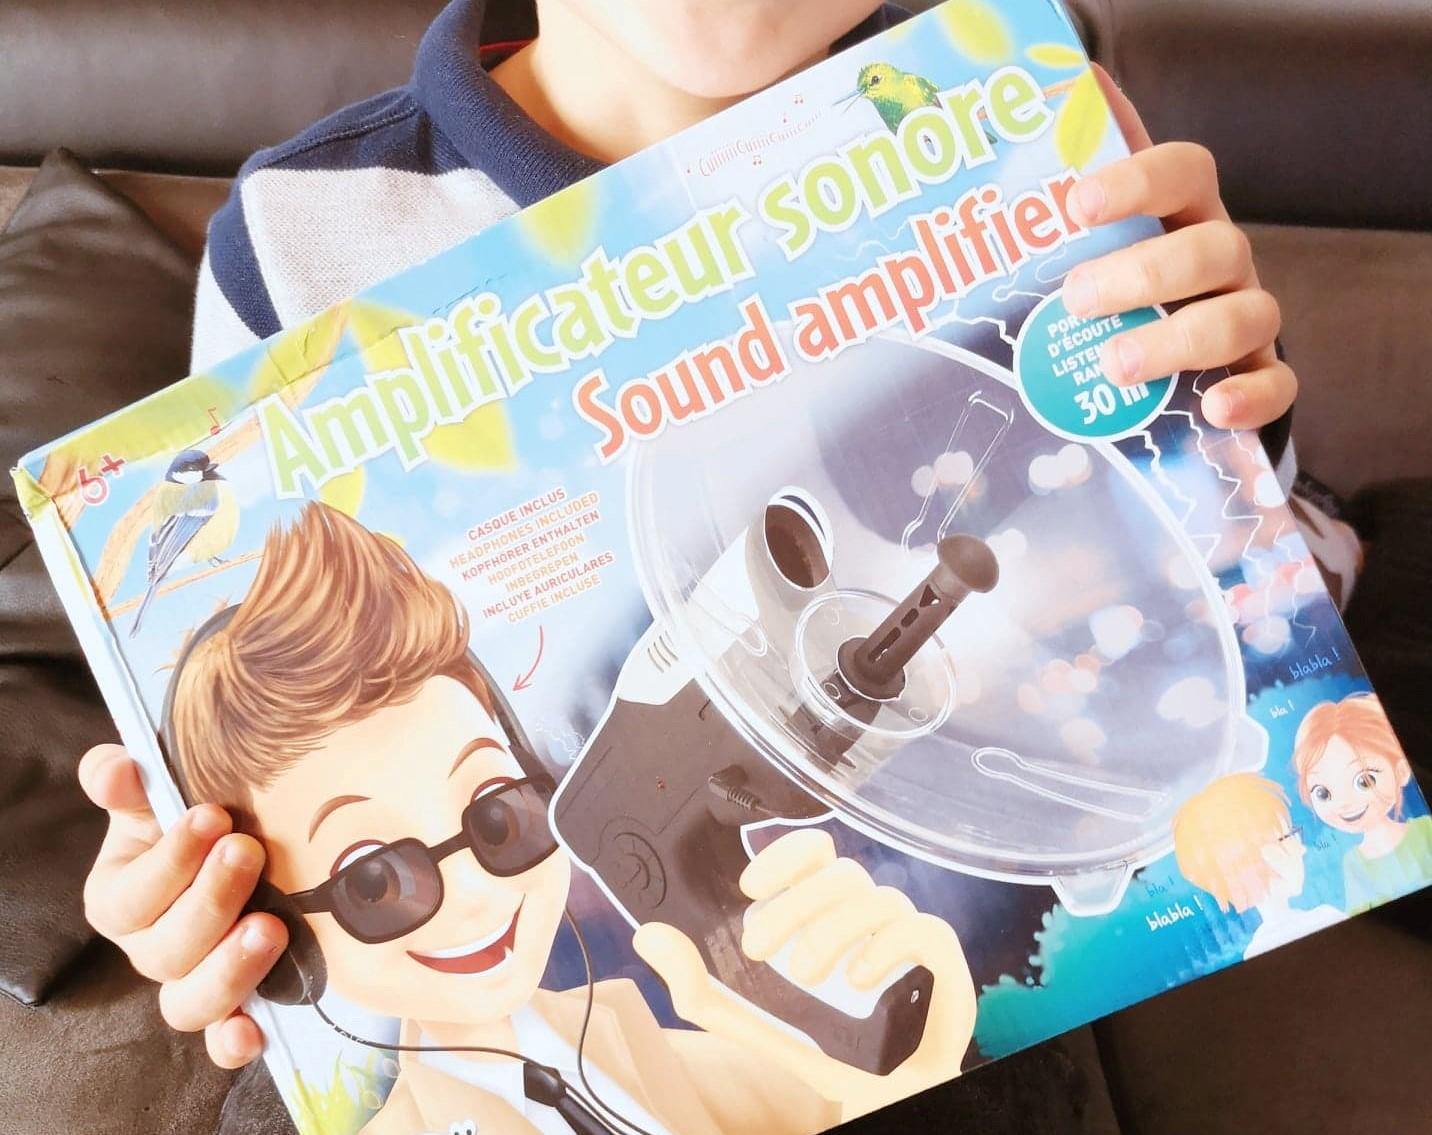 Amplificateur Sonore de chez Buki jouet nature nouveauté - Flore